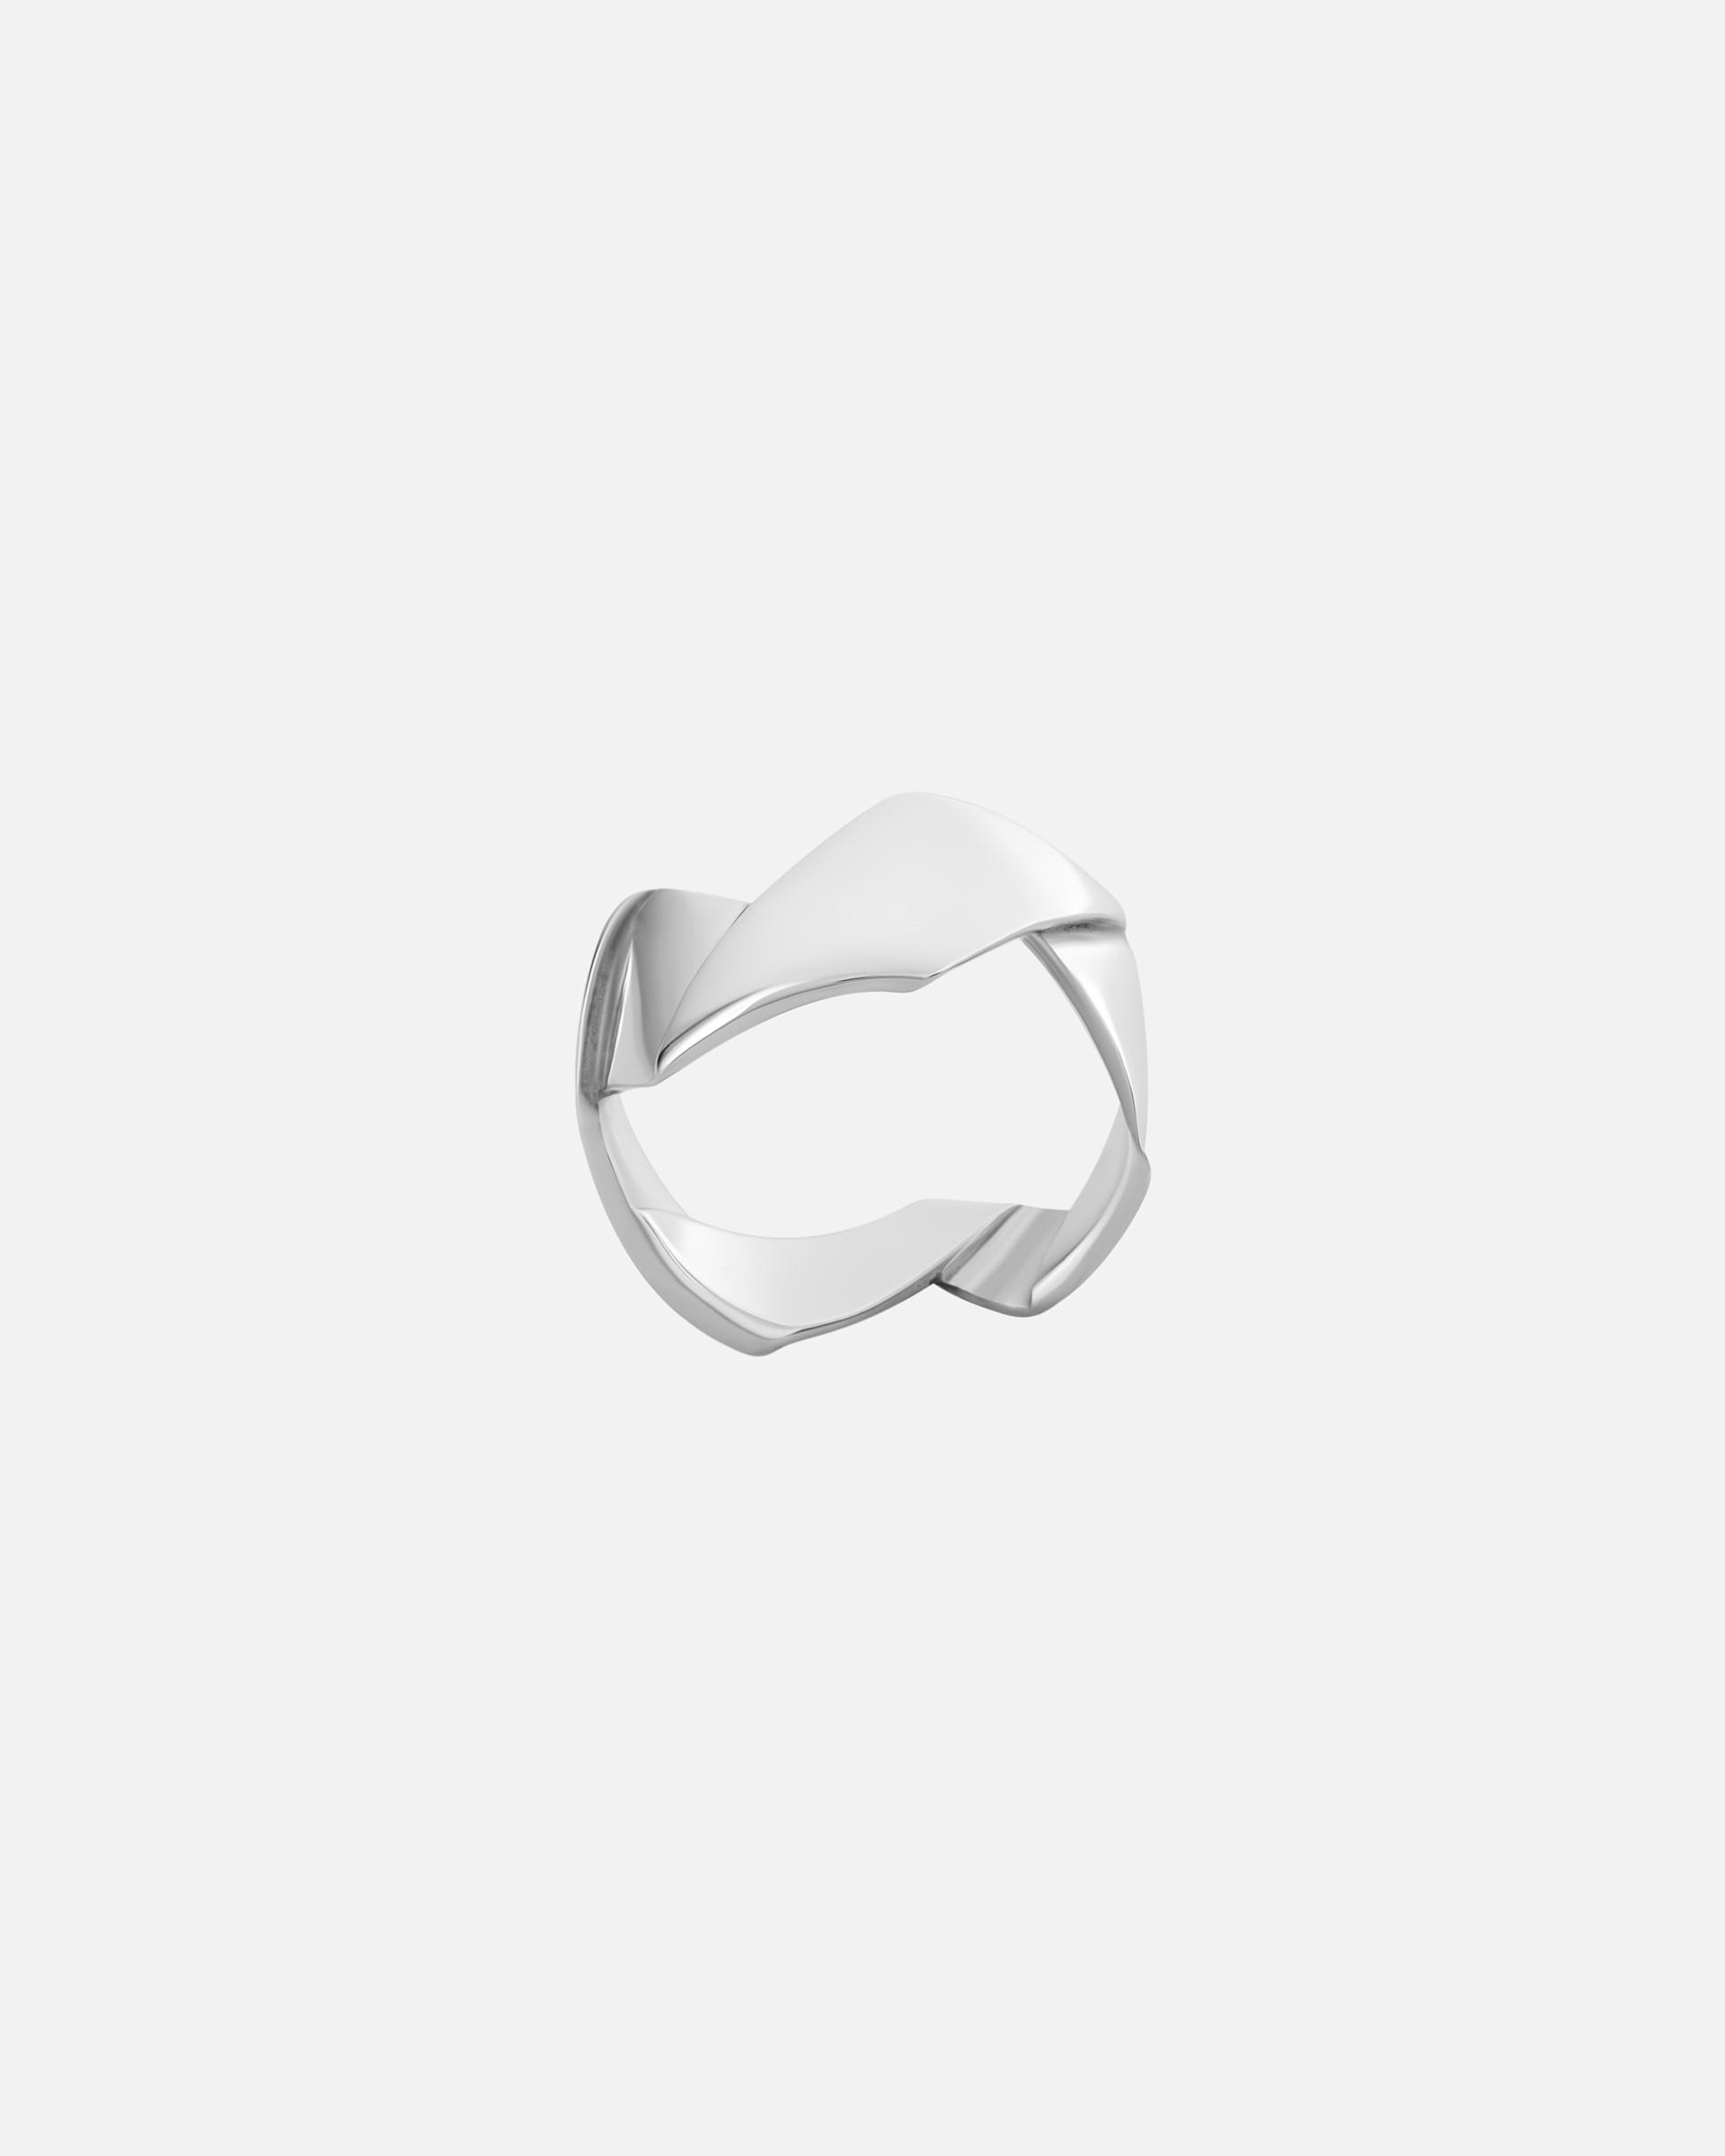 Кольцо из Сложенного прямоугольника